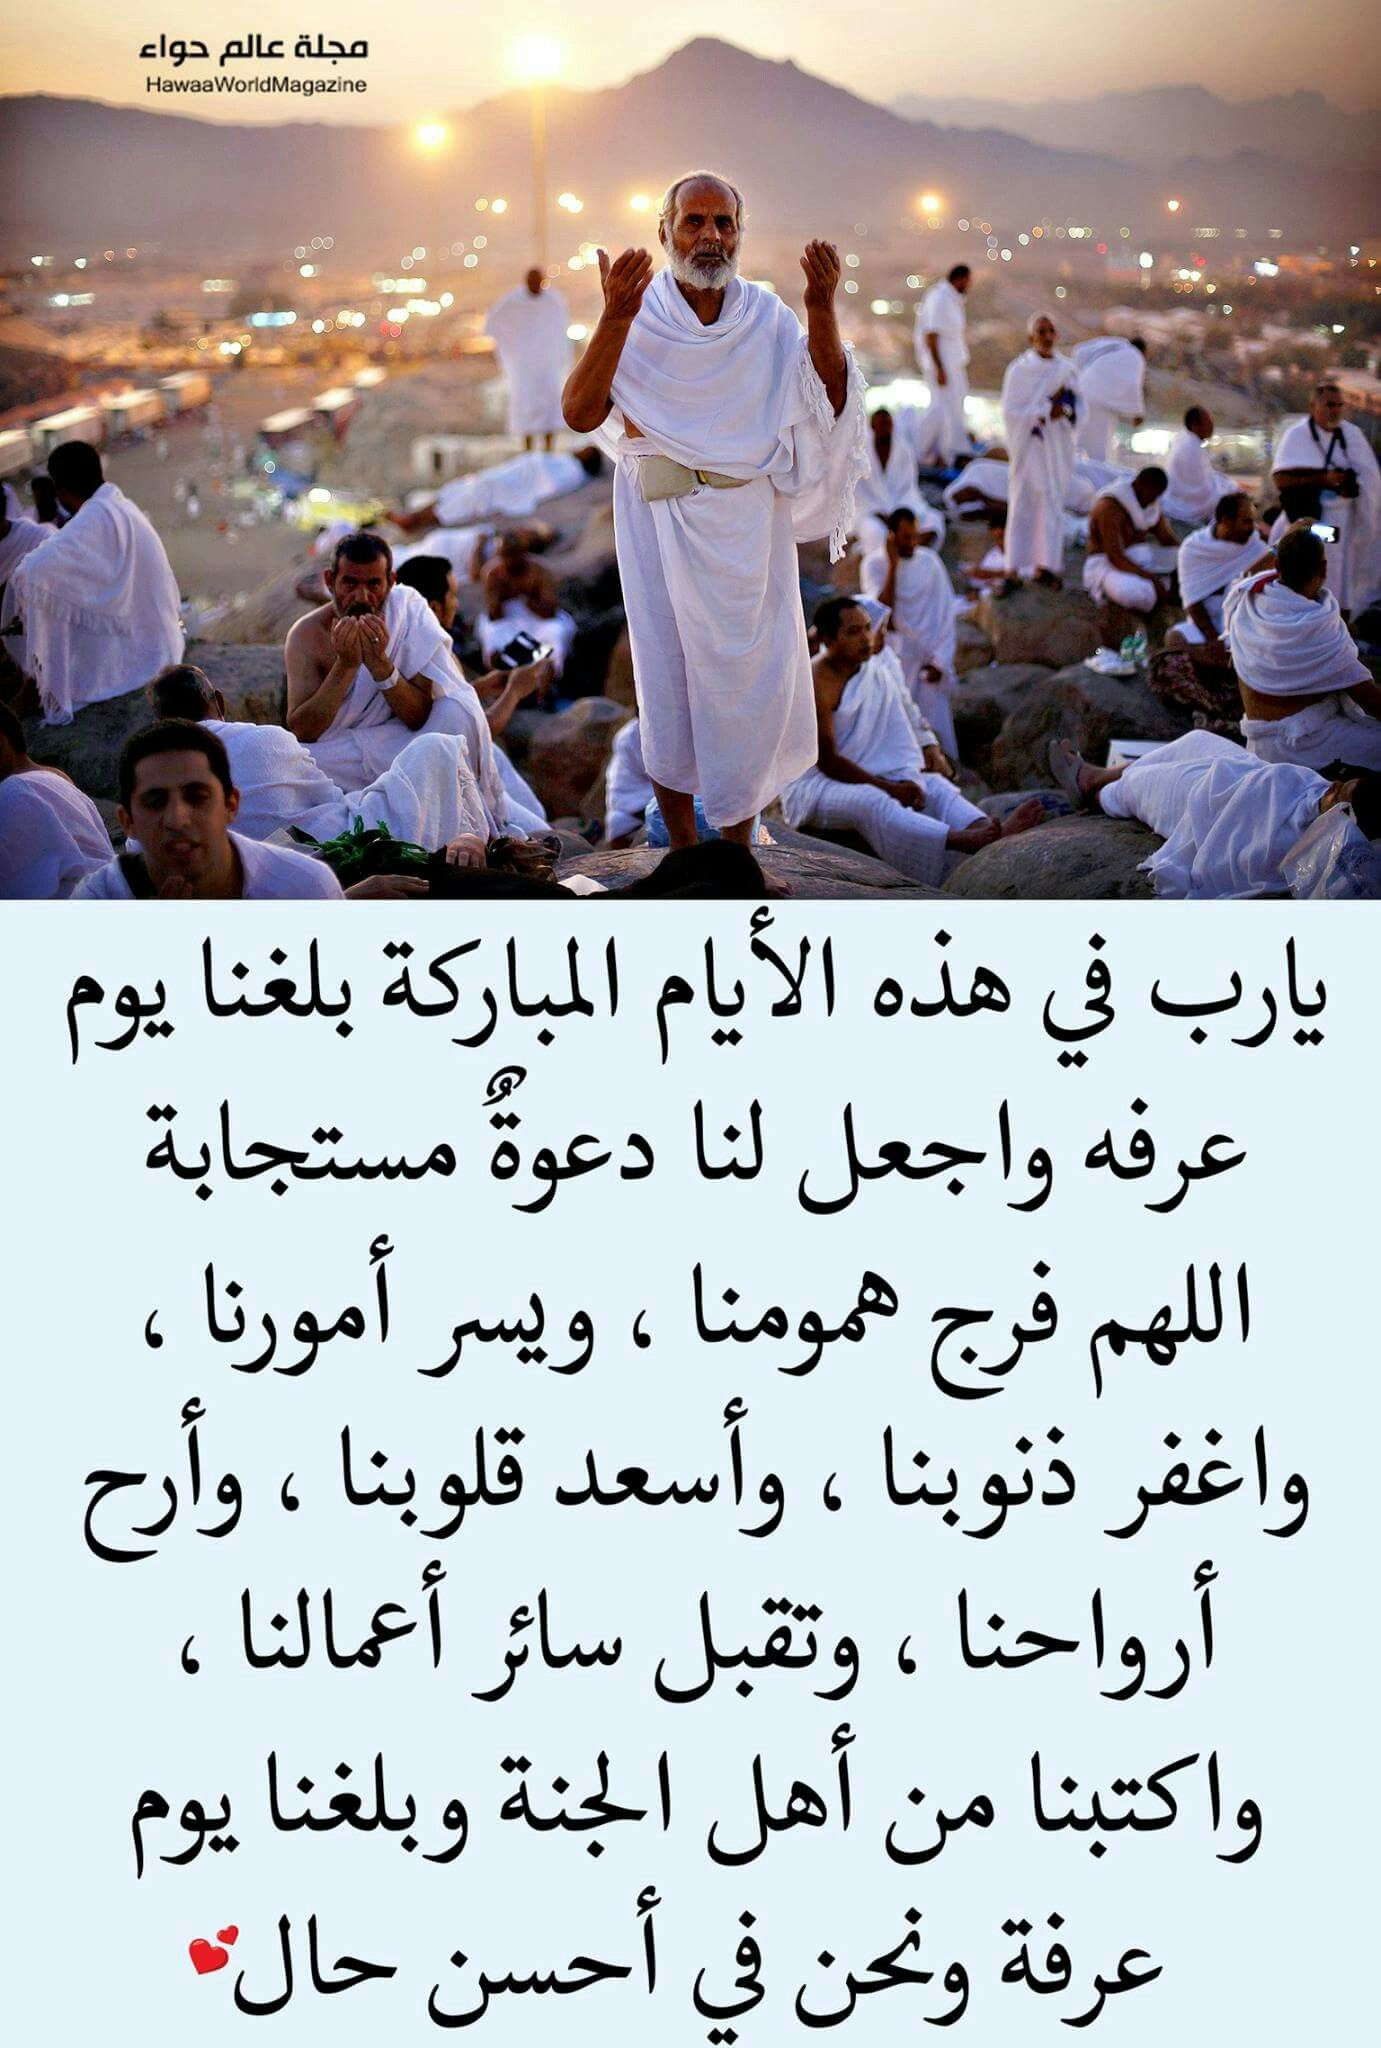 اللهم امين يارب العالمين Happy Eid Eid Ul Adha Prayers